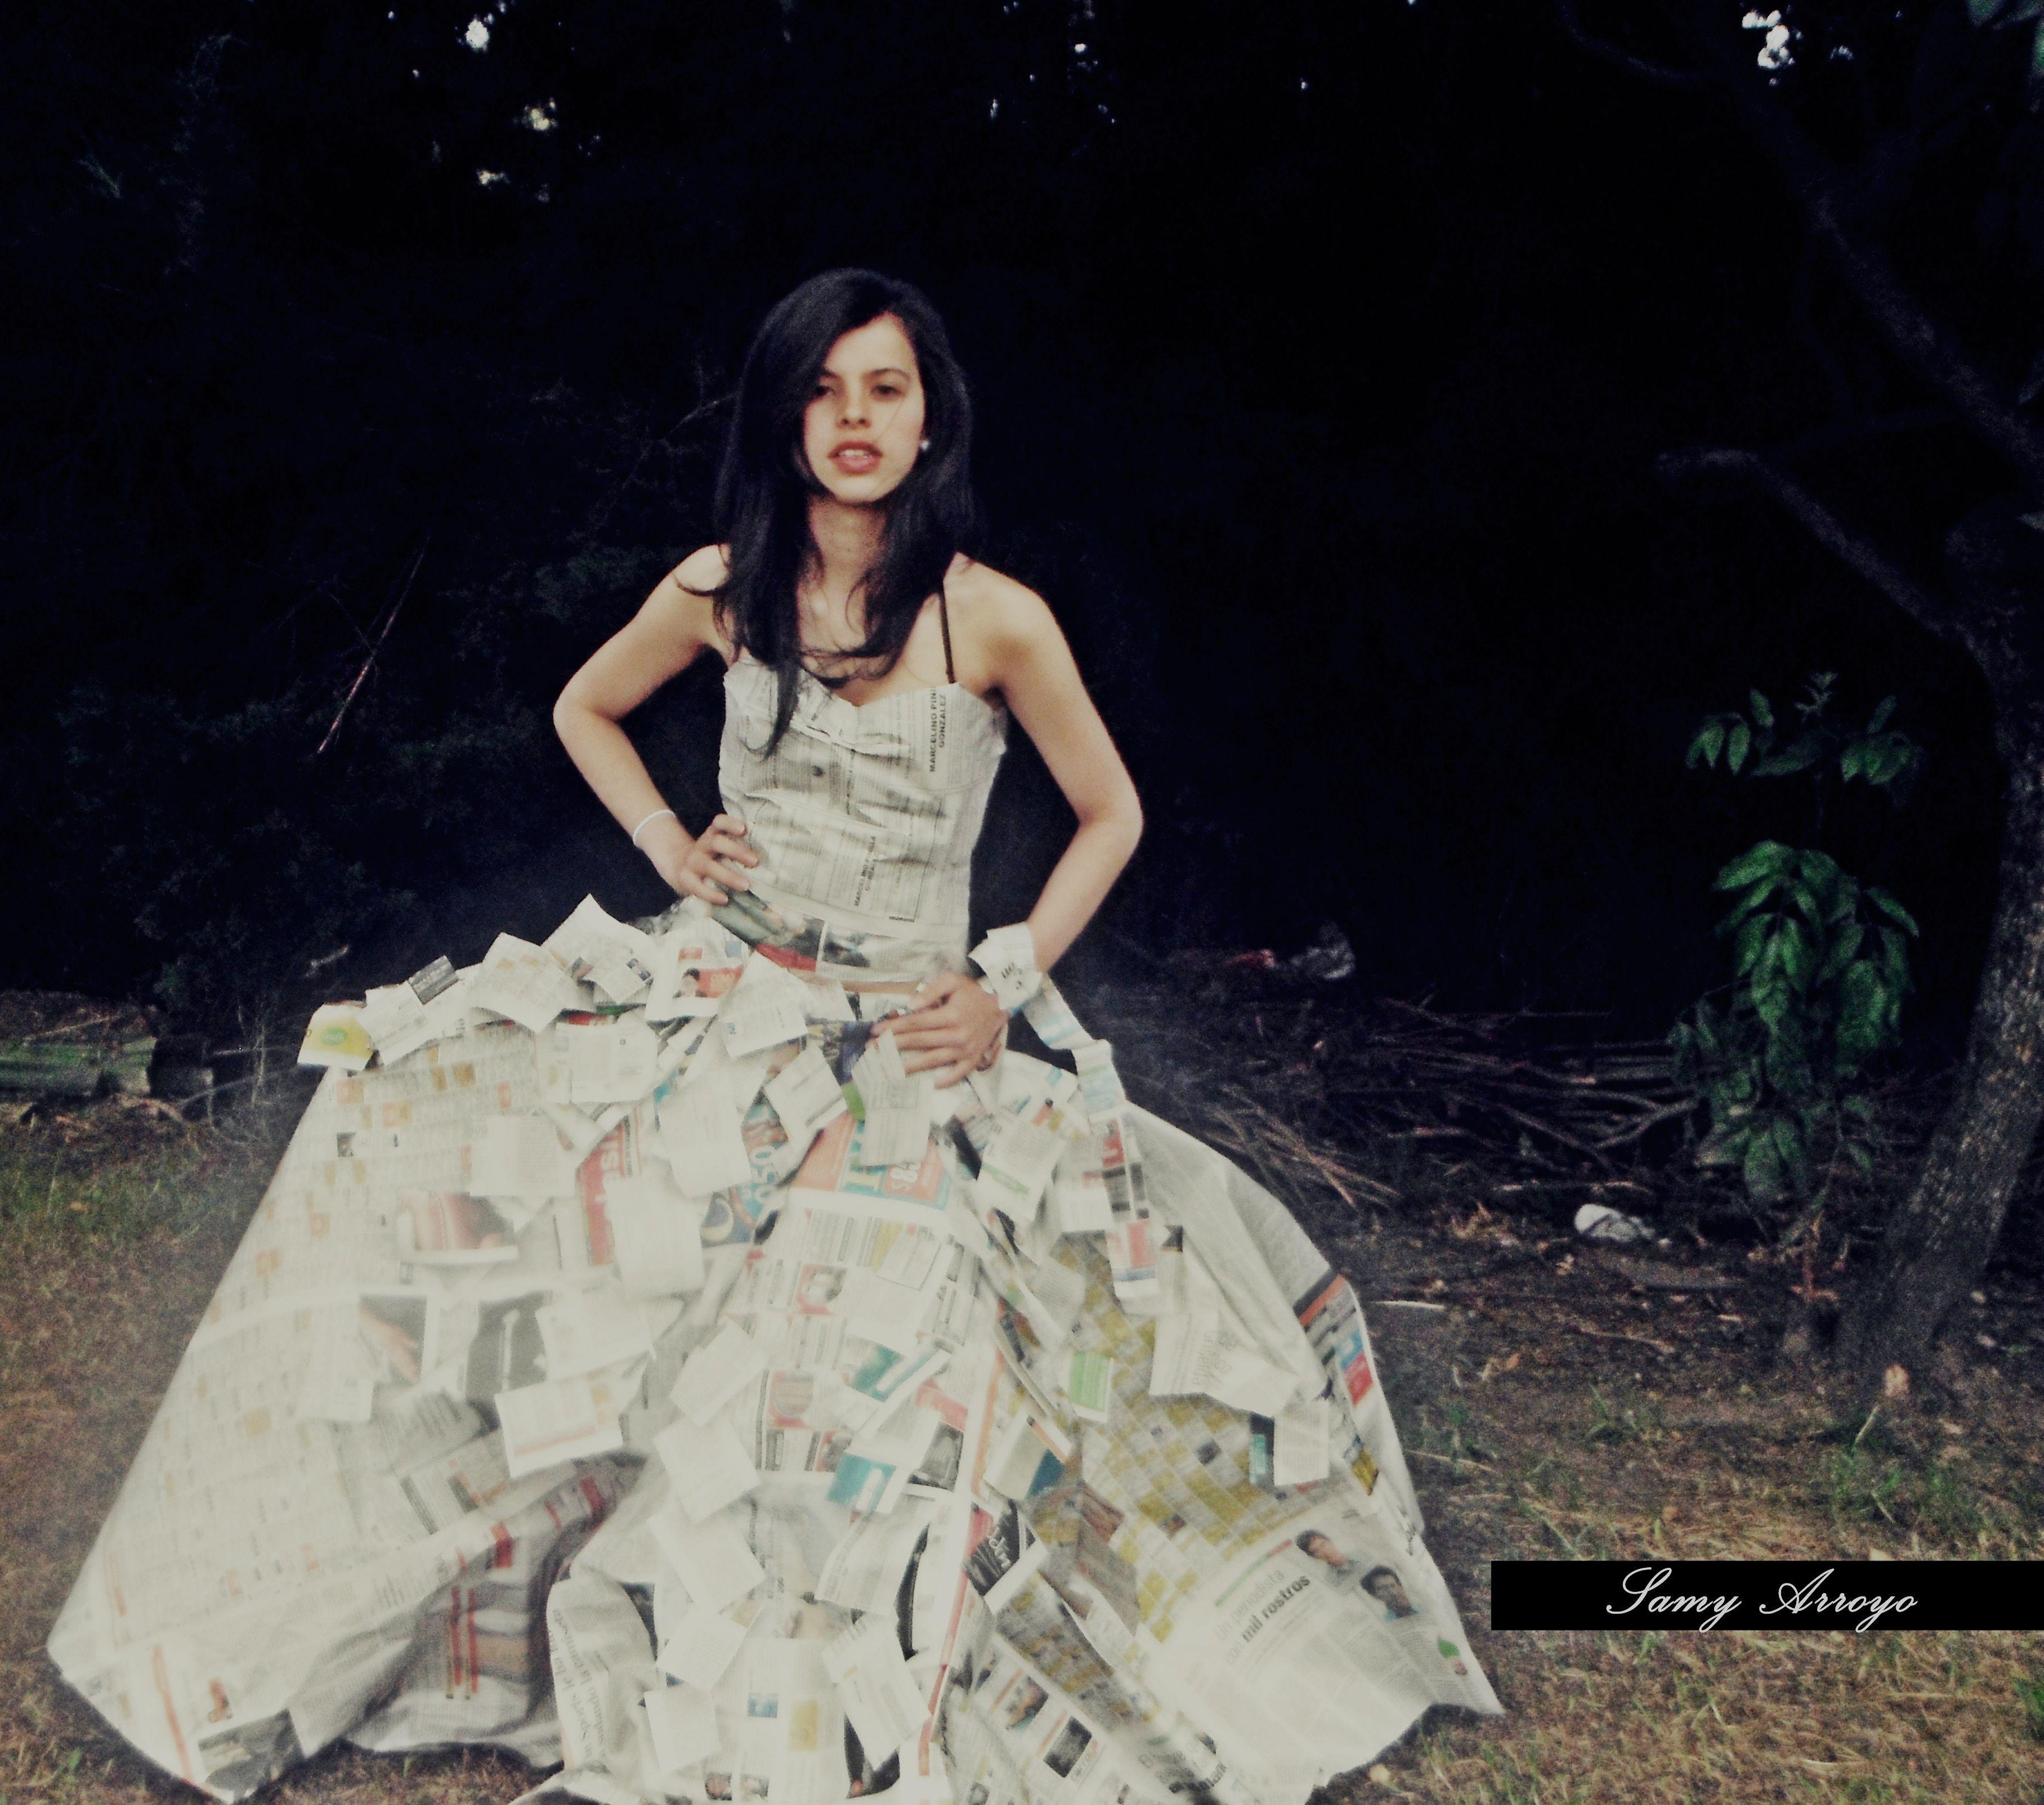 d9e65ce3f2 Vestido de papel periodico.